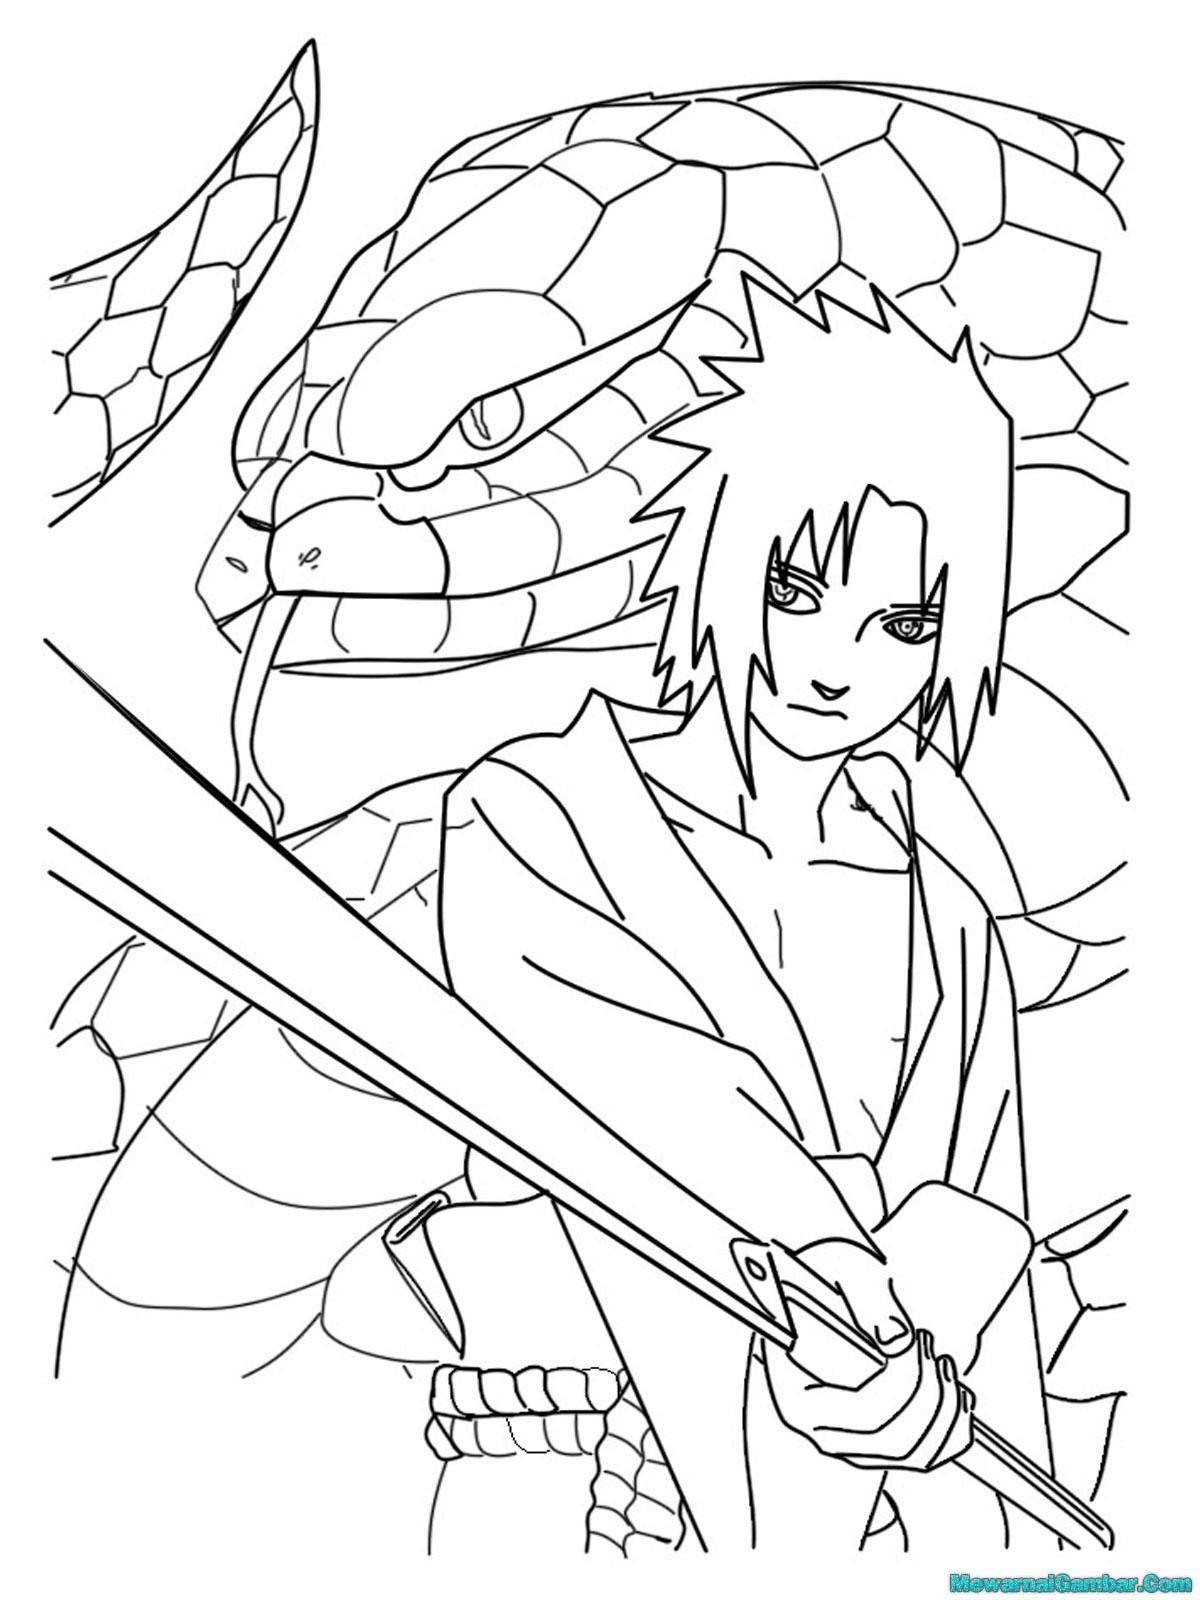 Gambar Mewarnai Naruto Jpeg Png Gif Best Pictures Piow Download